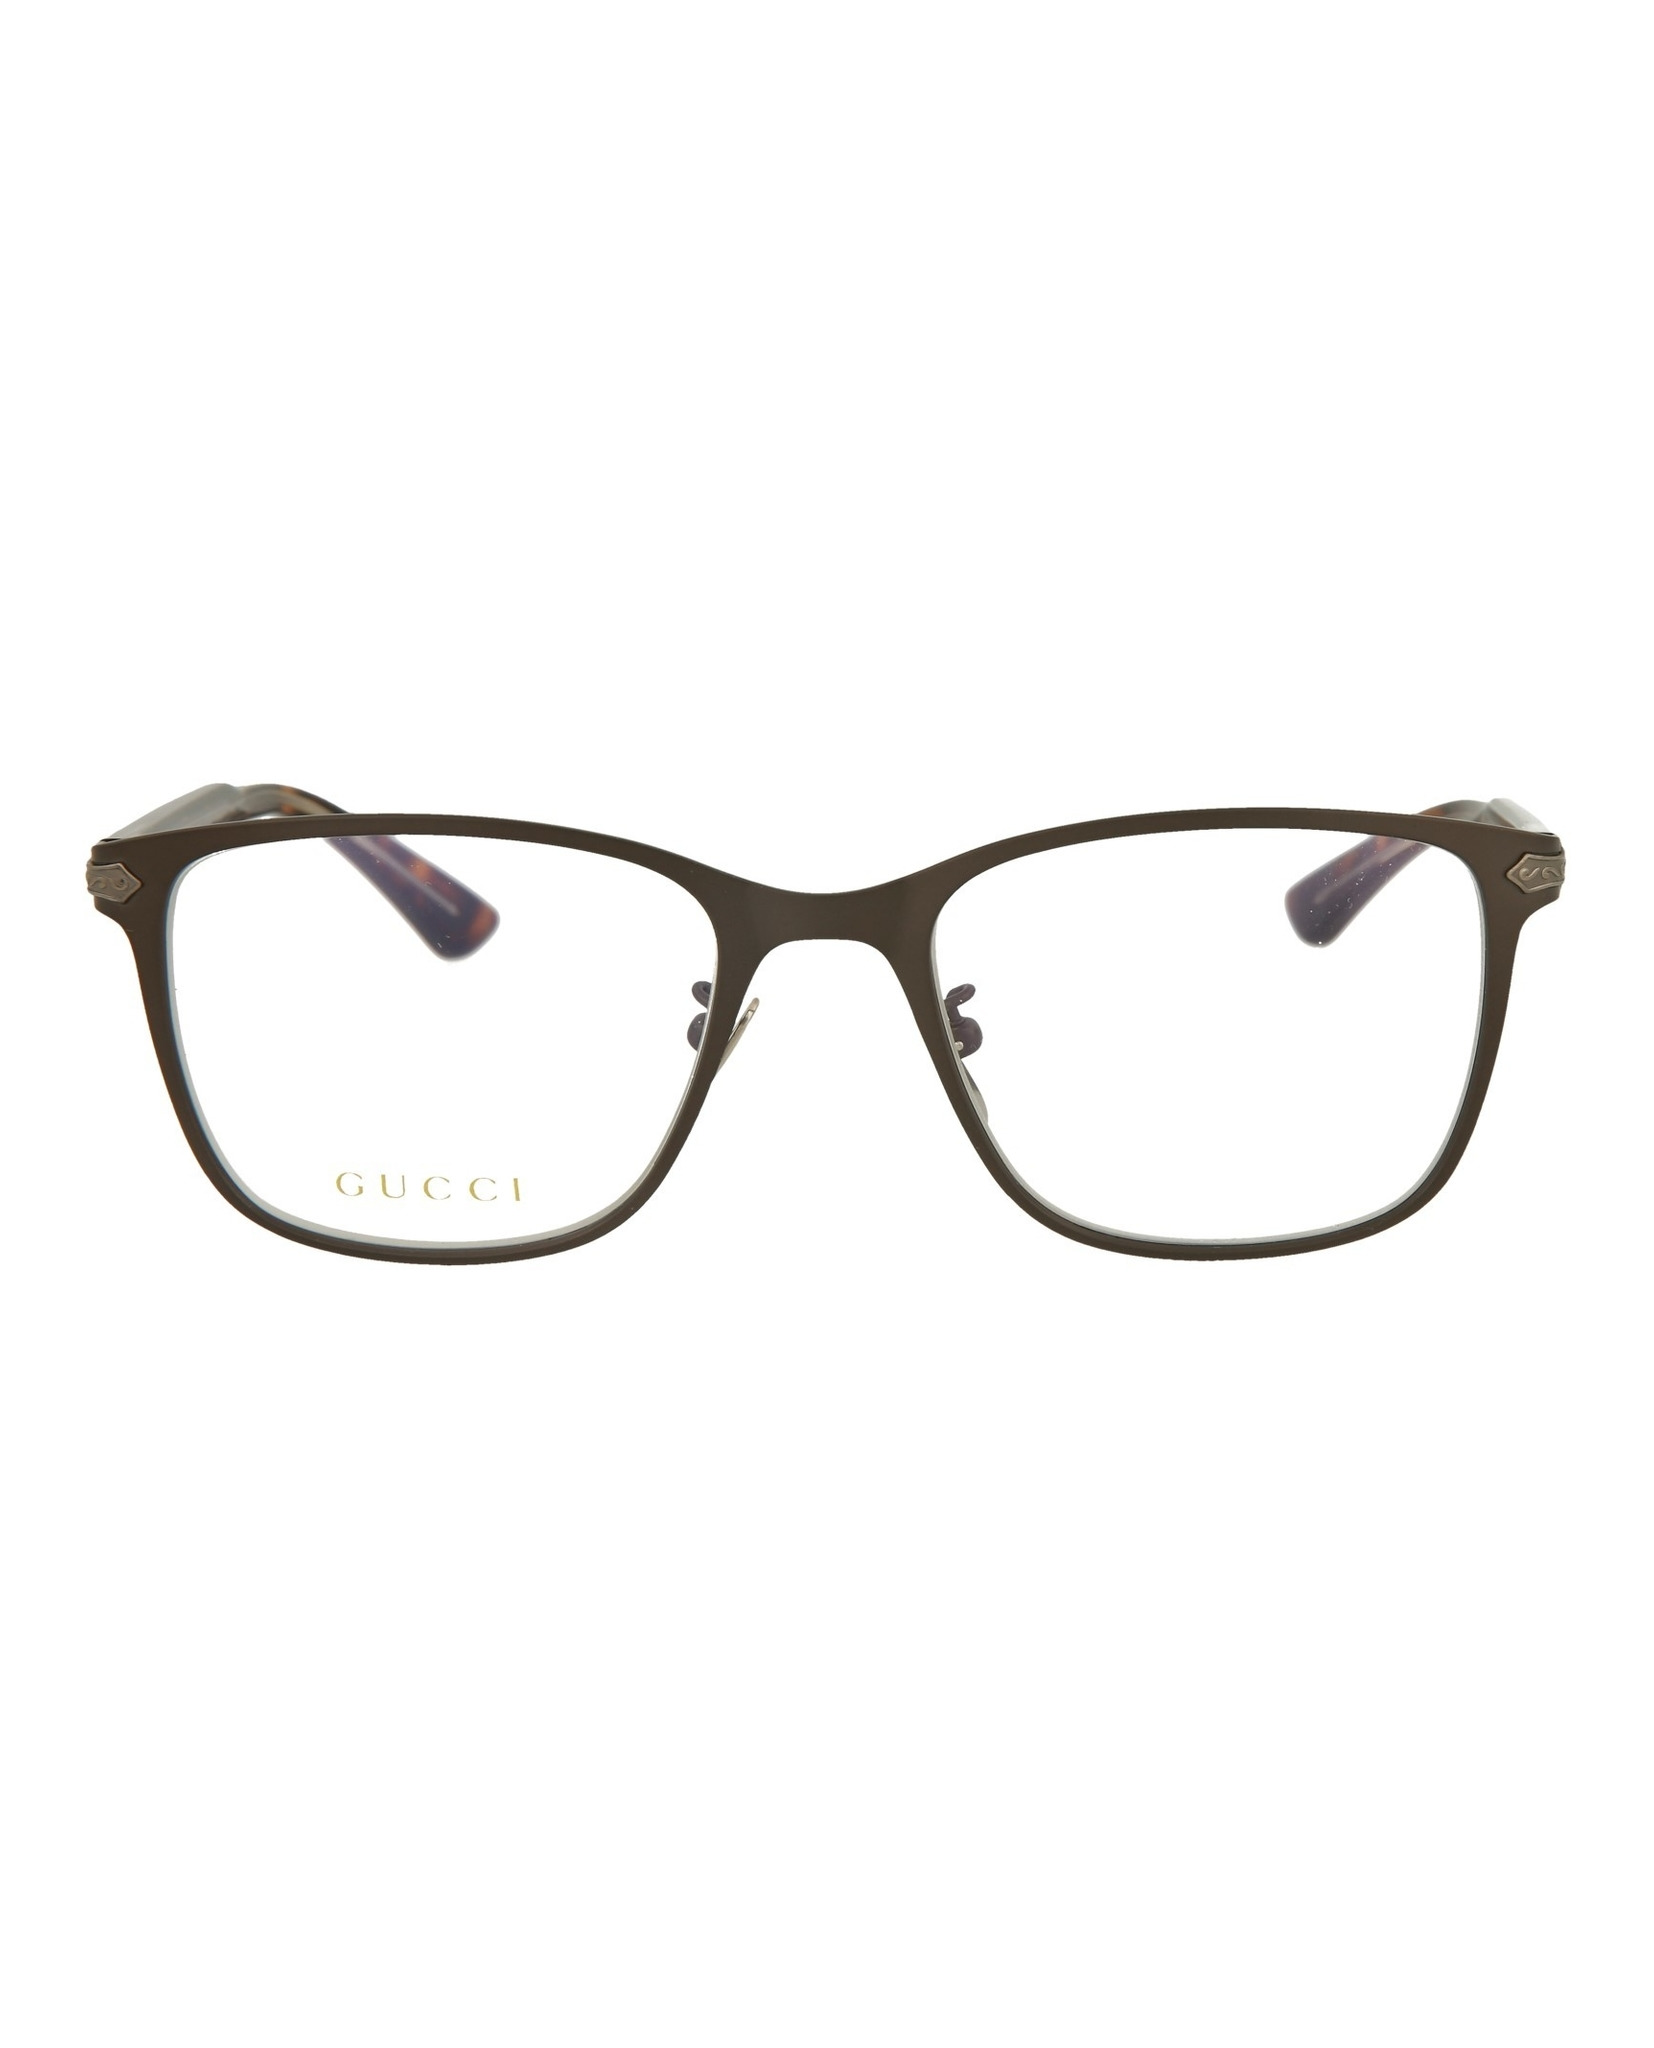 bec30137efdcf Gucci Mens Square Rectangle Optical Frames GG0070O-30001066-002 ...